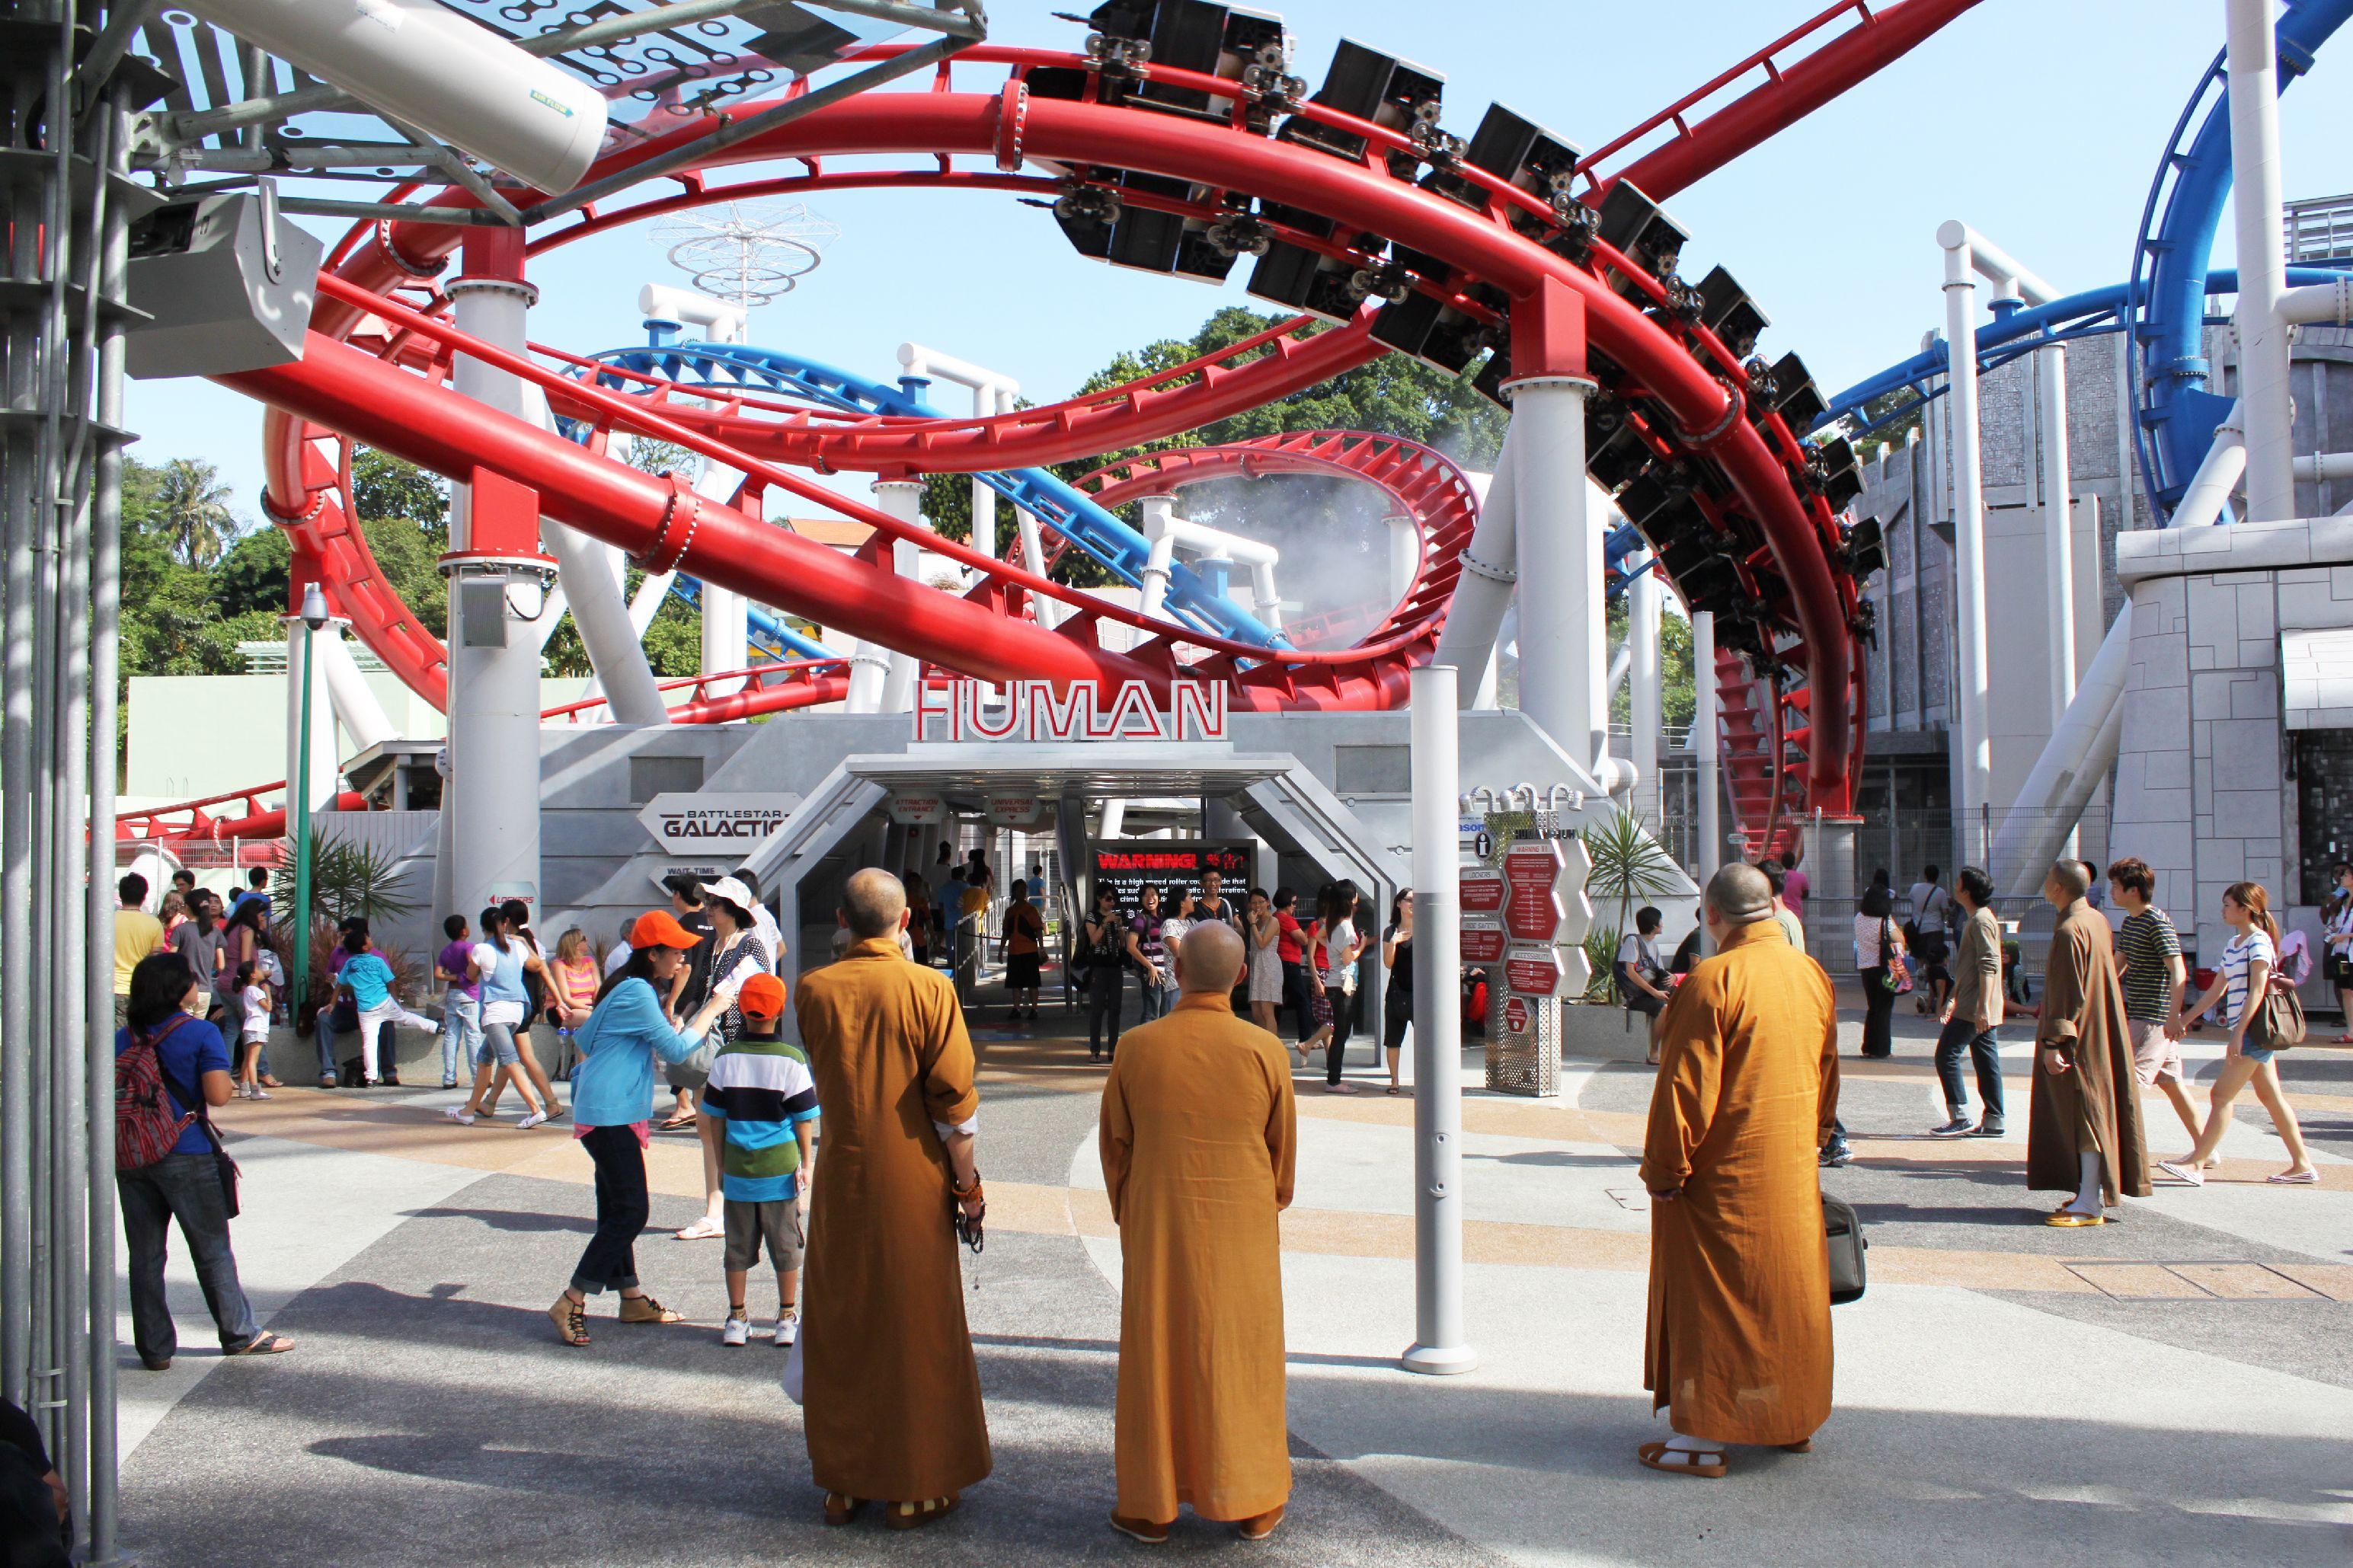 monks in front of roller coaster ashton morris